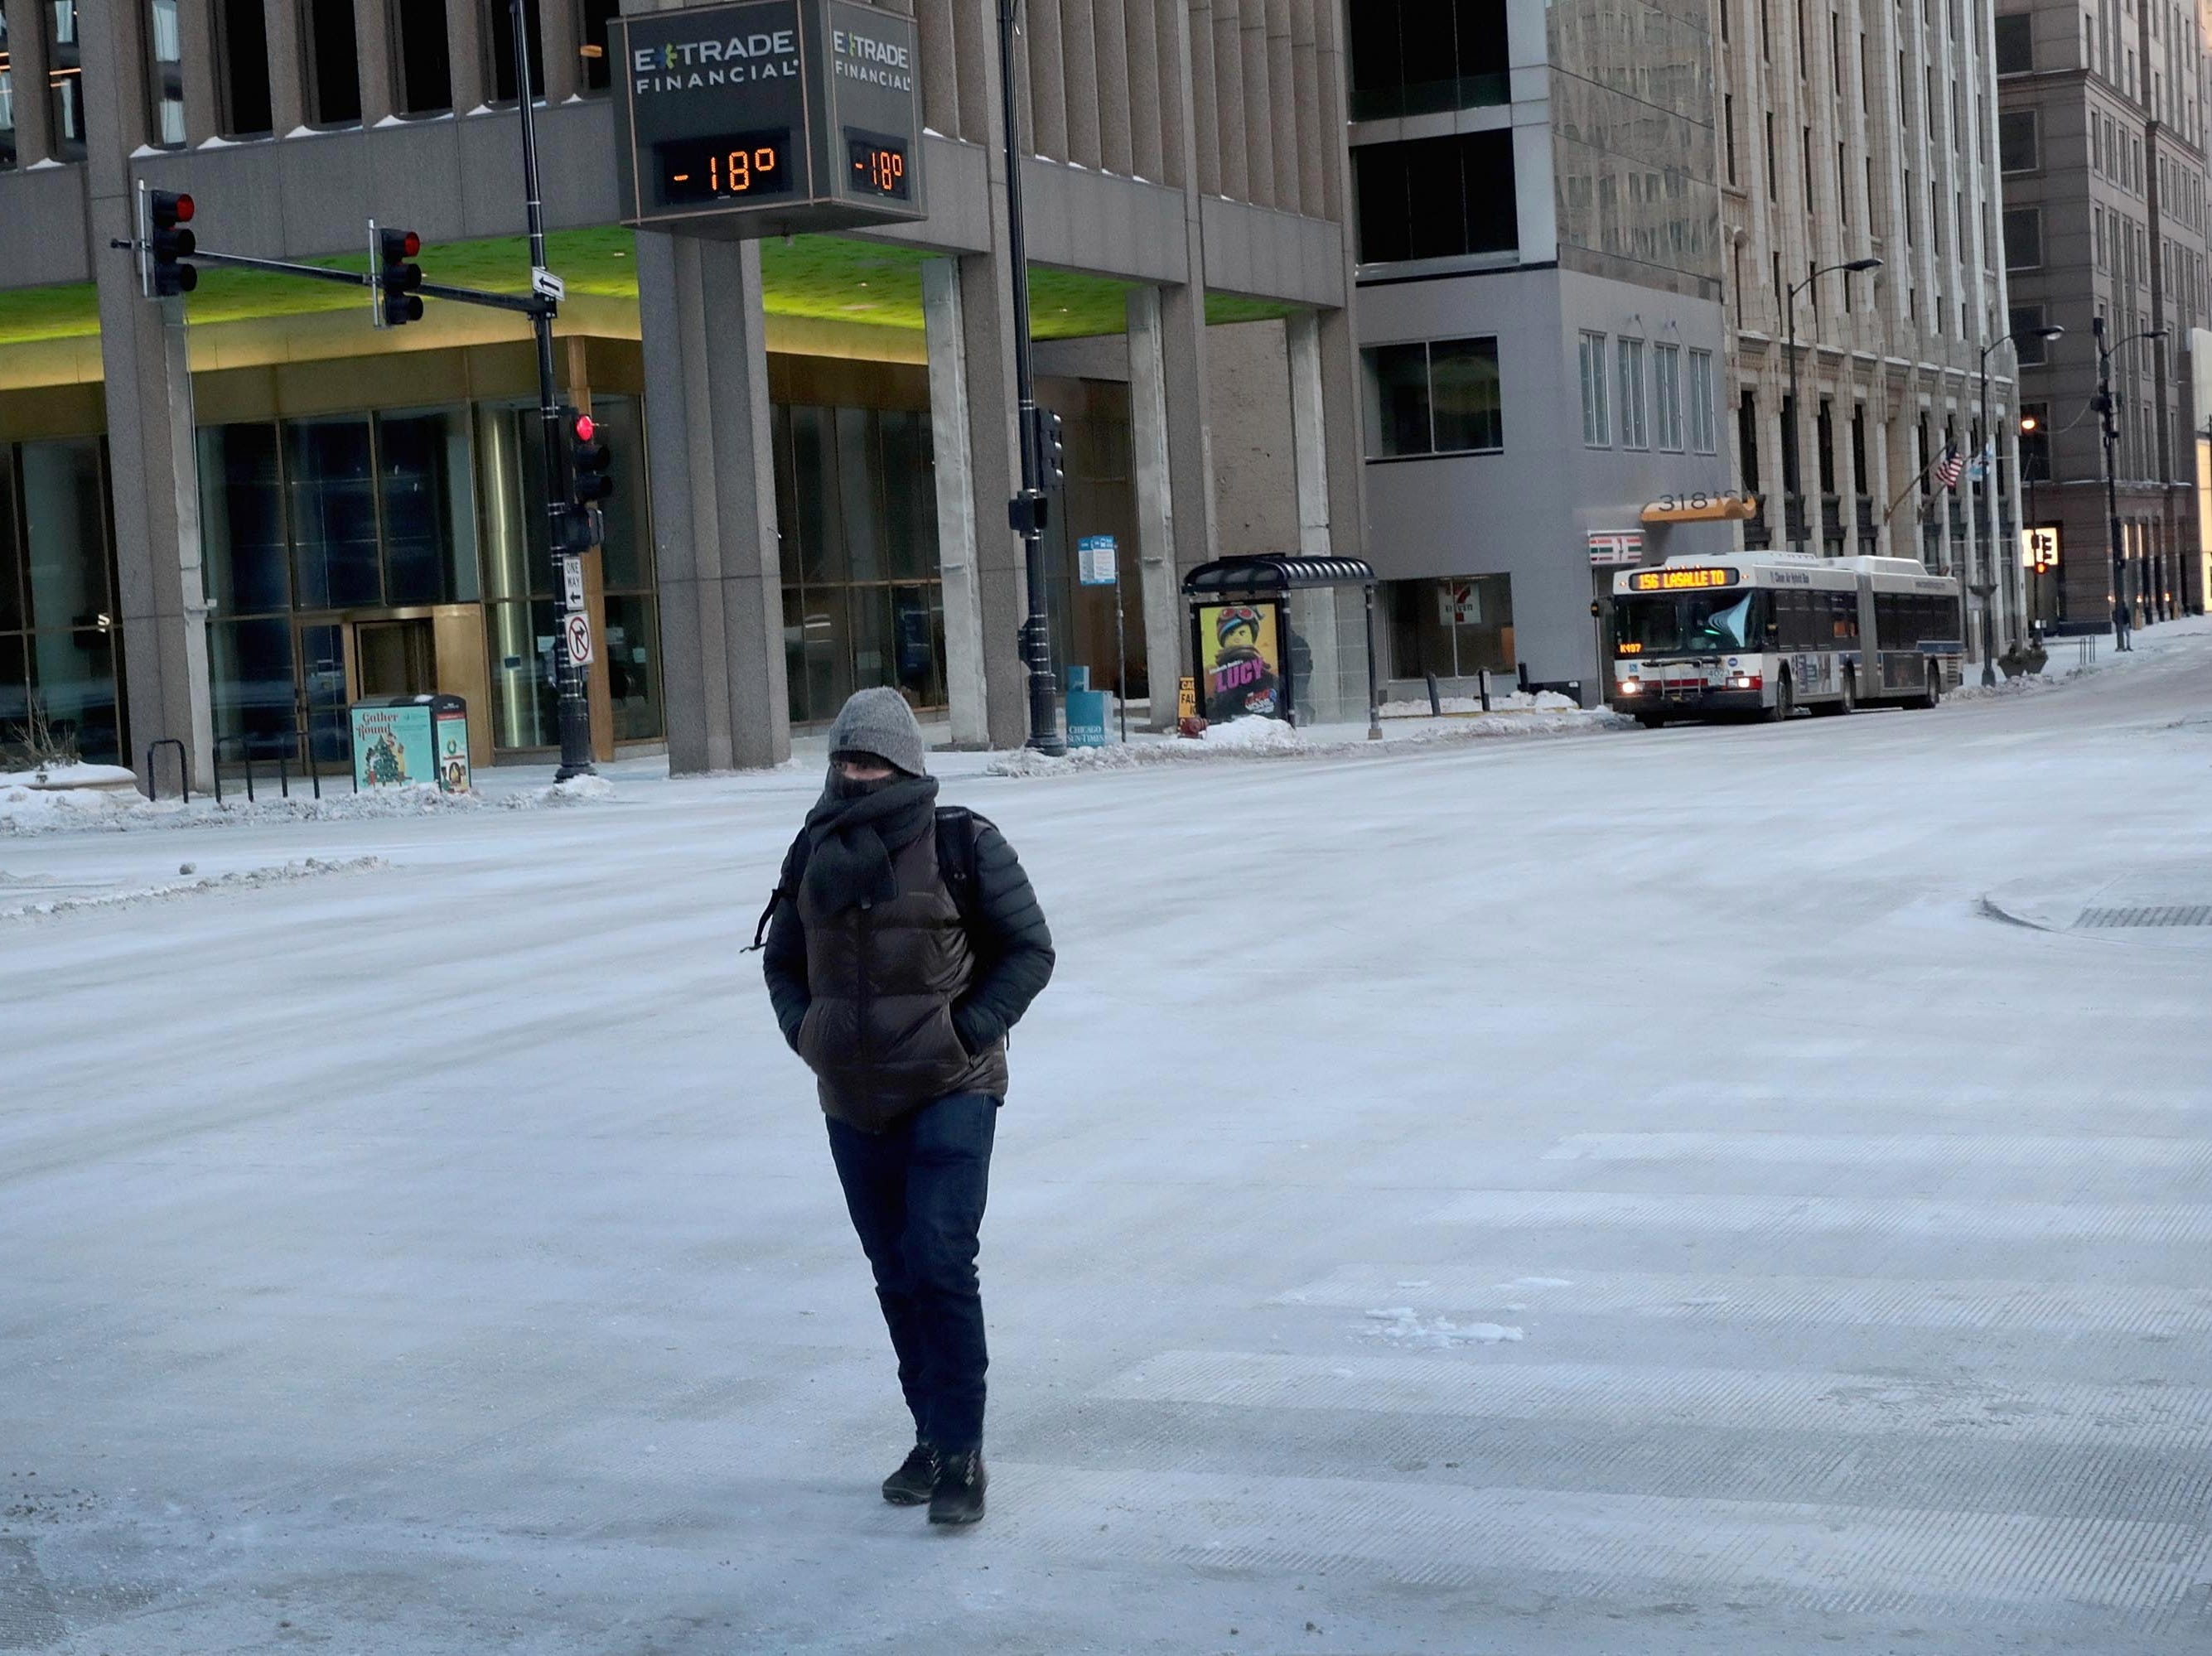 Un transeunte camina por un centro desértico en temperaturas bajo cero durante la hora pico de la mañana del 30 de enero de 2019 en Chicago, Illinois.